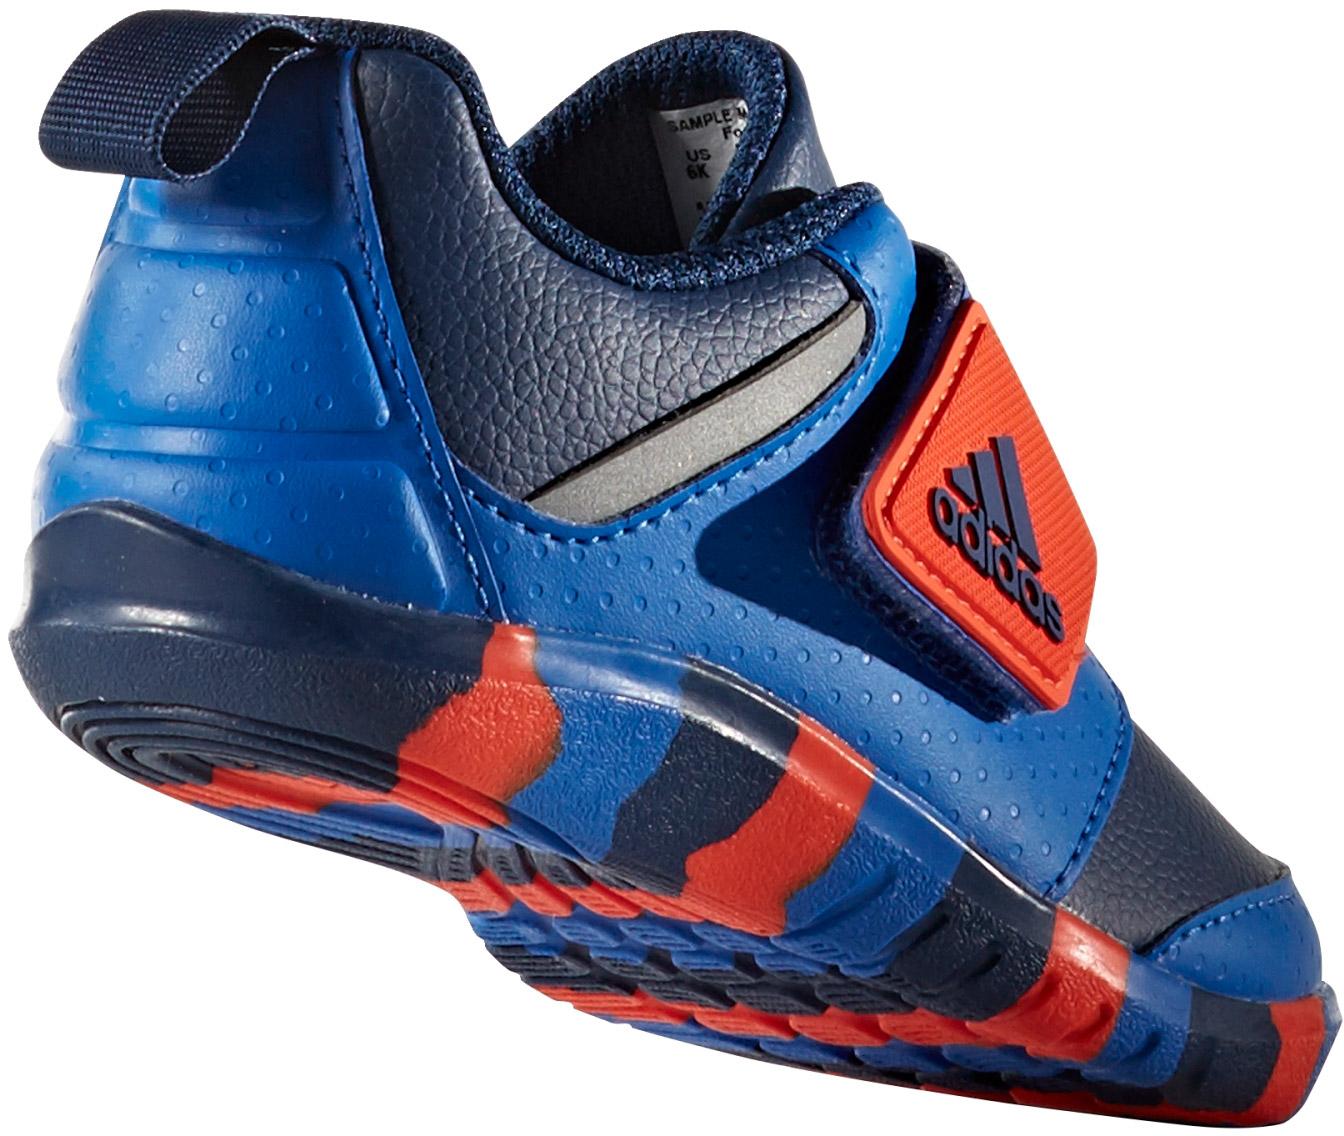 d47315c6c0a Children s sports shoes